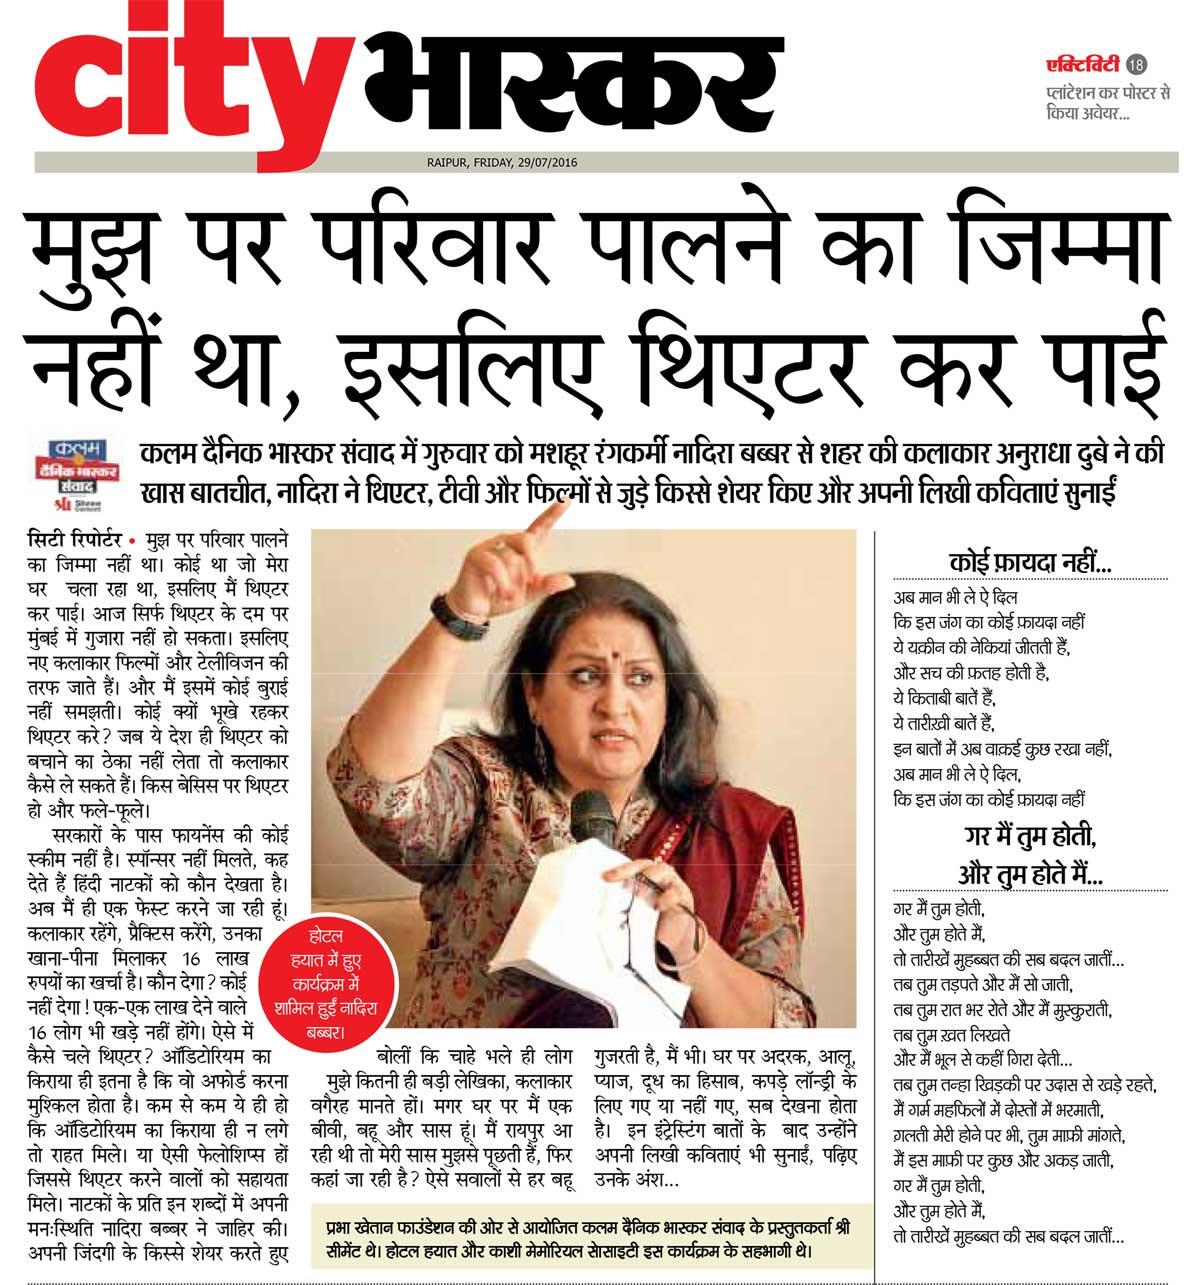 Nadira Babbar city bhaskar kalam raipur (6)